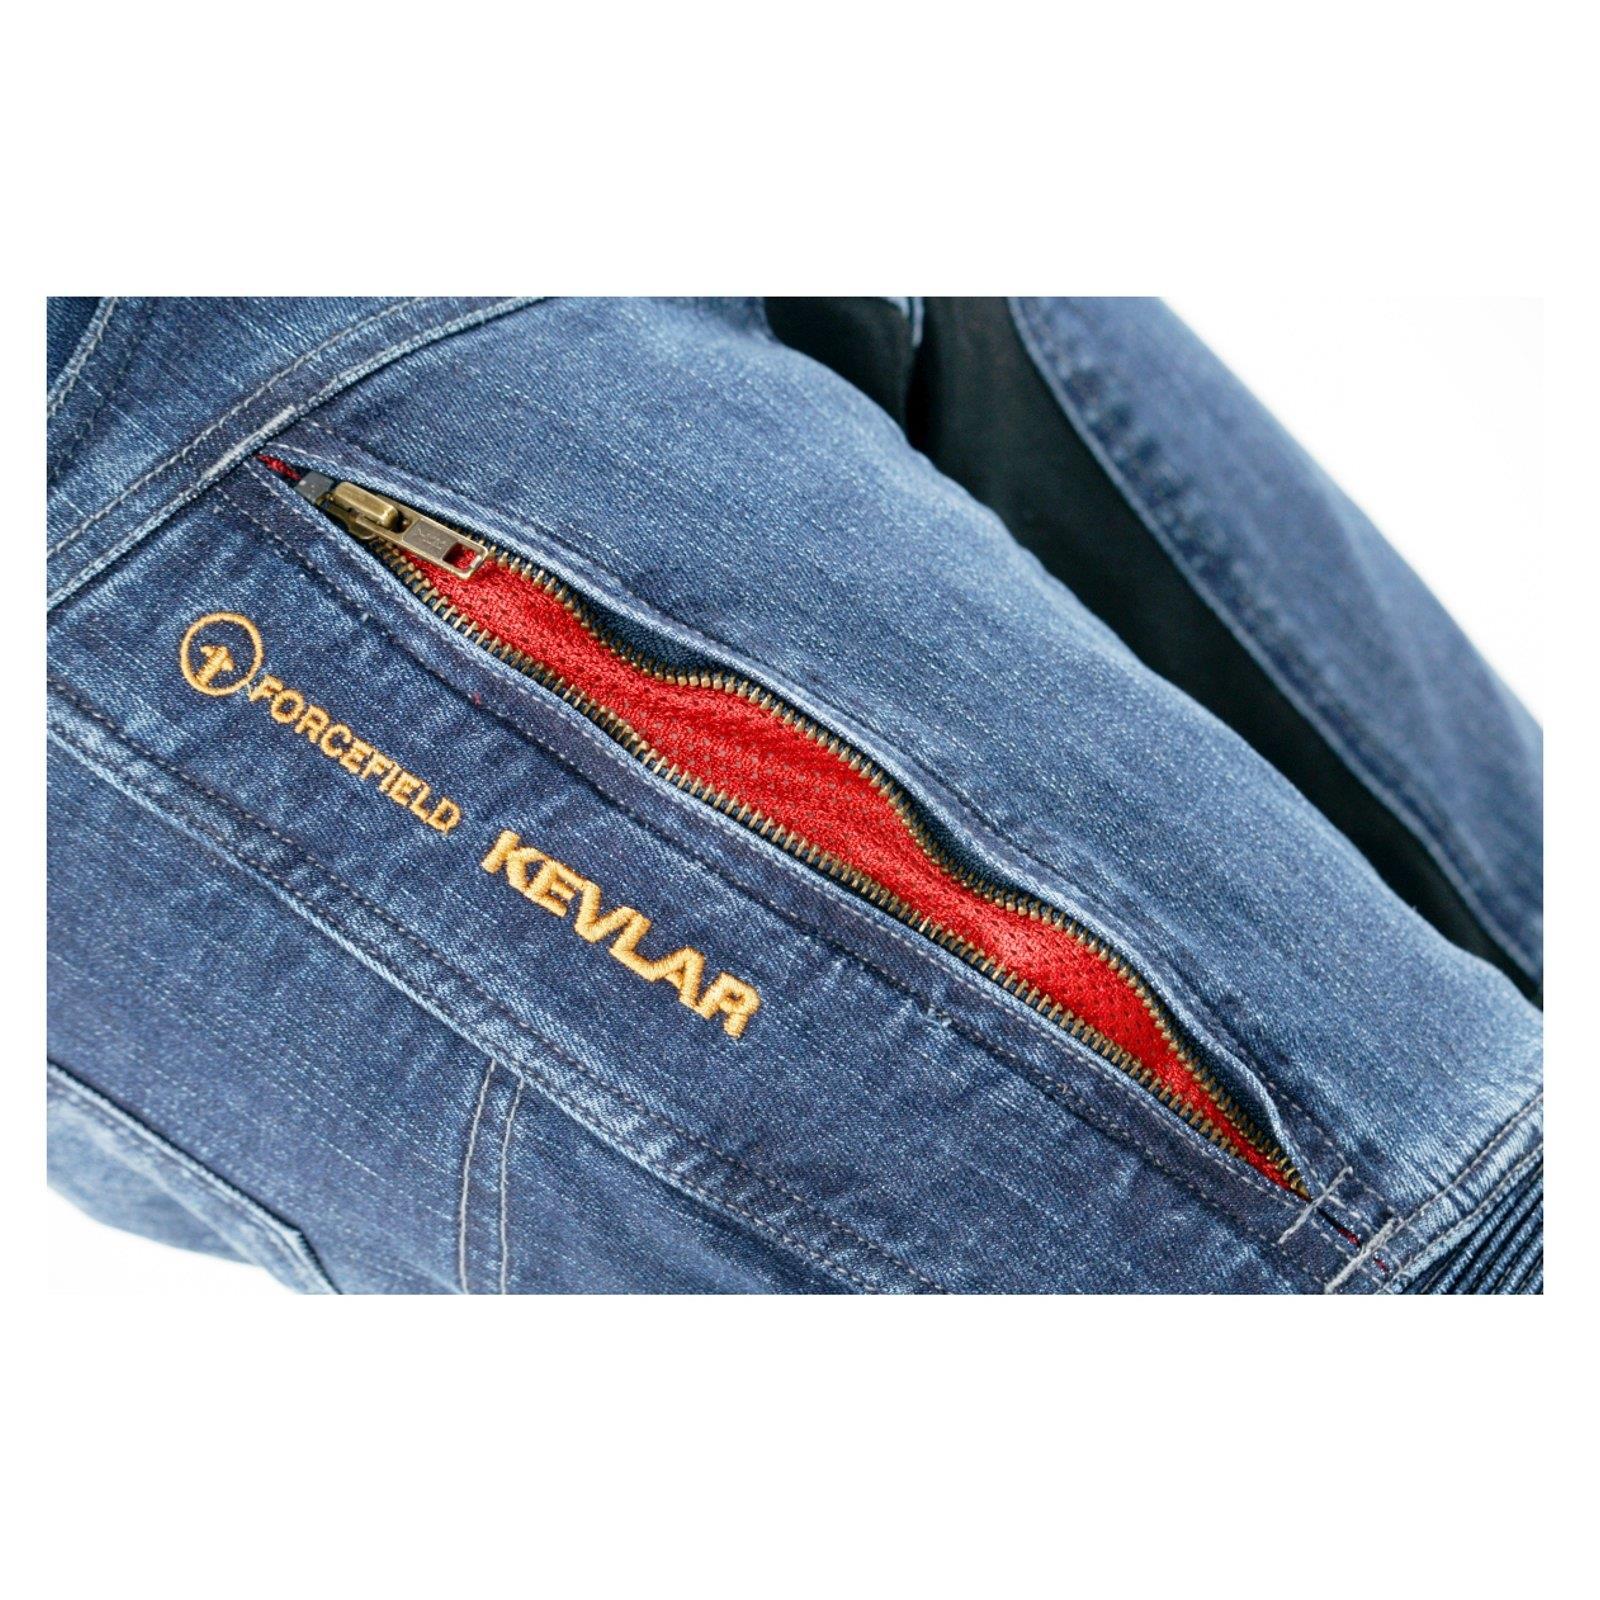 Trilobite-paradoxale-veste-pantalon-protecteur-incl-d-039-aramide-Moto-Jeans-Hommes-Femmes miniature 9